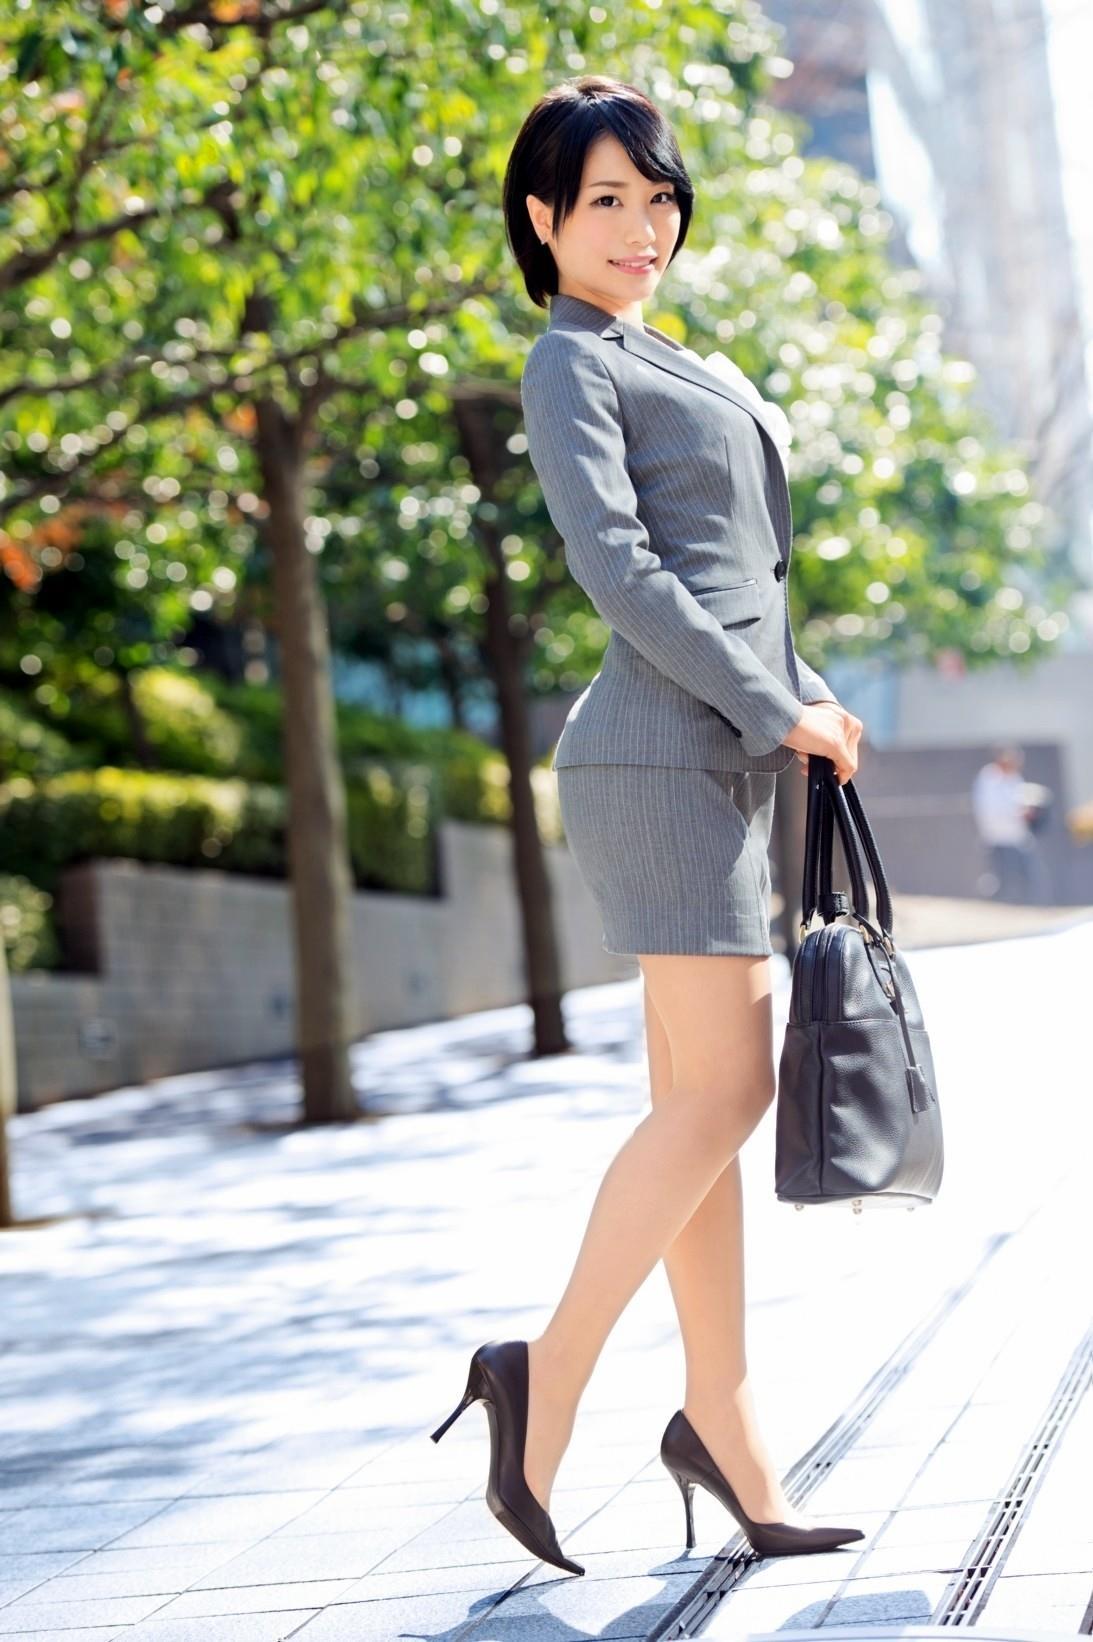 https://img.erogazou-pinkline.com/wp-content/uploads/2015/10/suzumura_airi_428_029.jpg